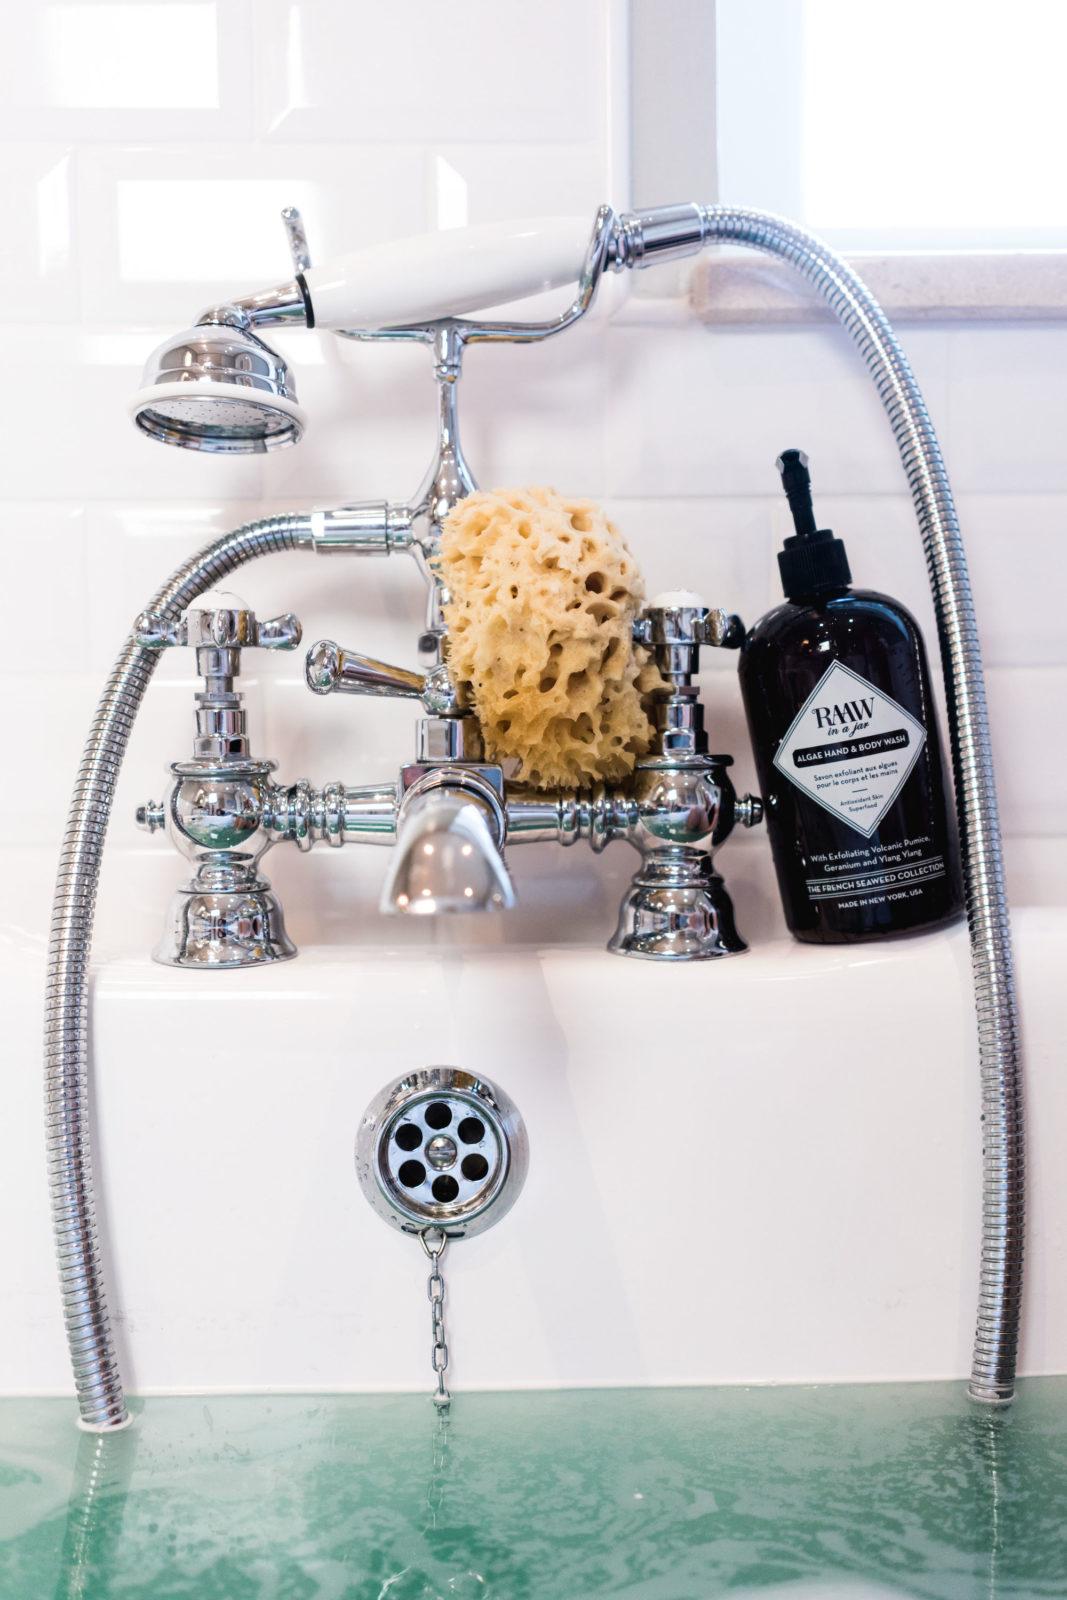 f r k hle tage die sch nsten badezus tze und tipps zum abtauchen journelles. Black Bedroom Furniture Sets. Home Design Ideas